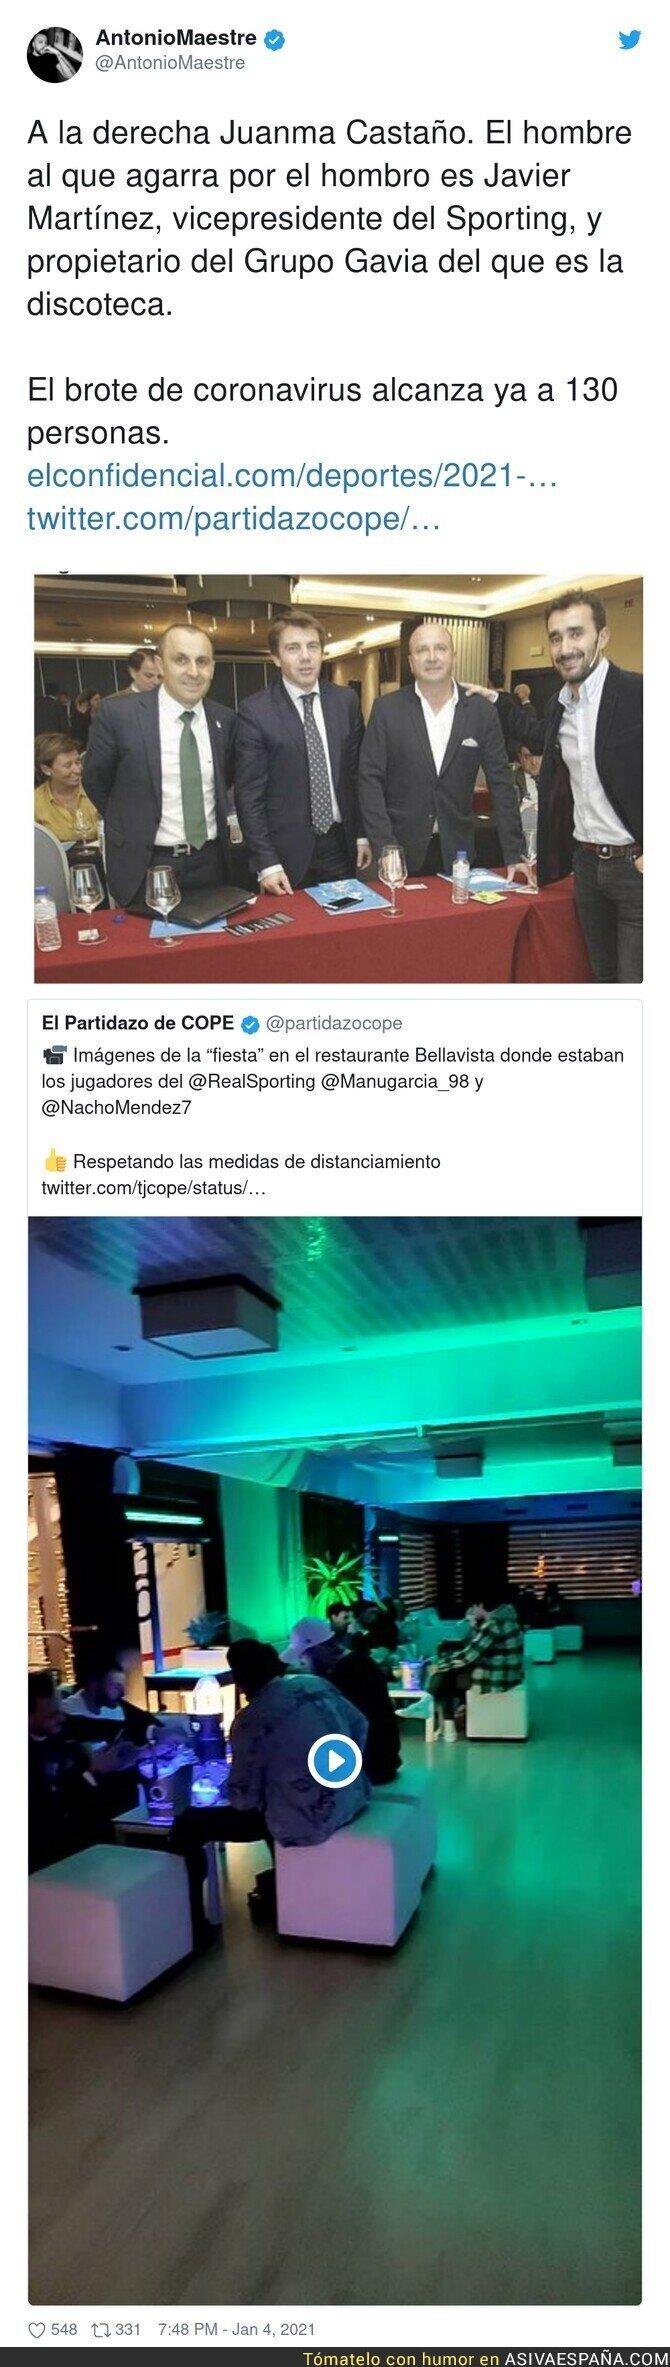 533023 - Los intereses de Juanma Castaño para defender el gran rebrote vivido en la fiesta del Sporting de Gijón